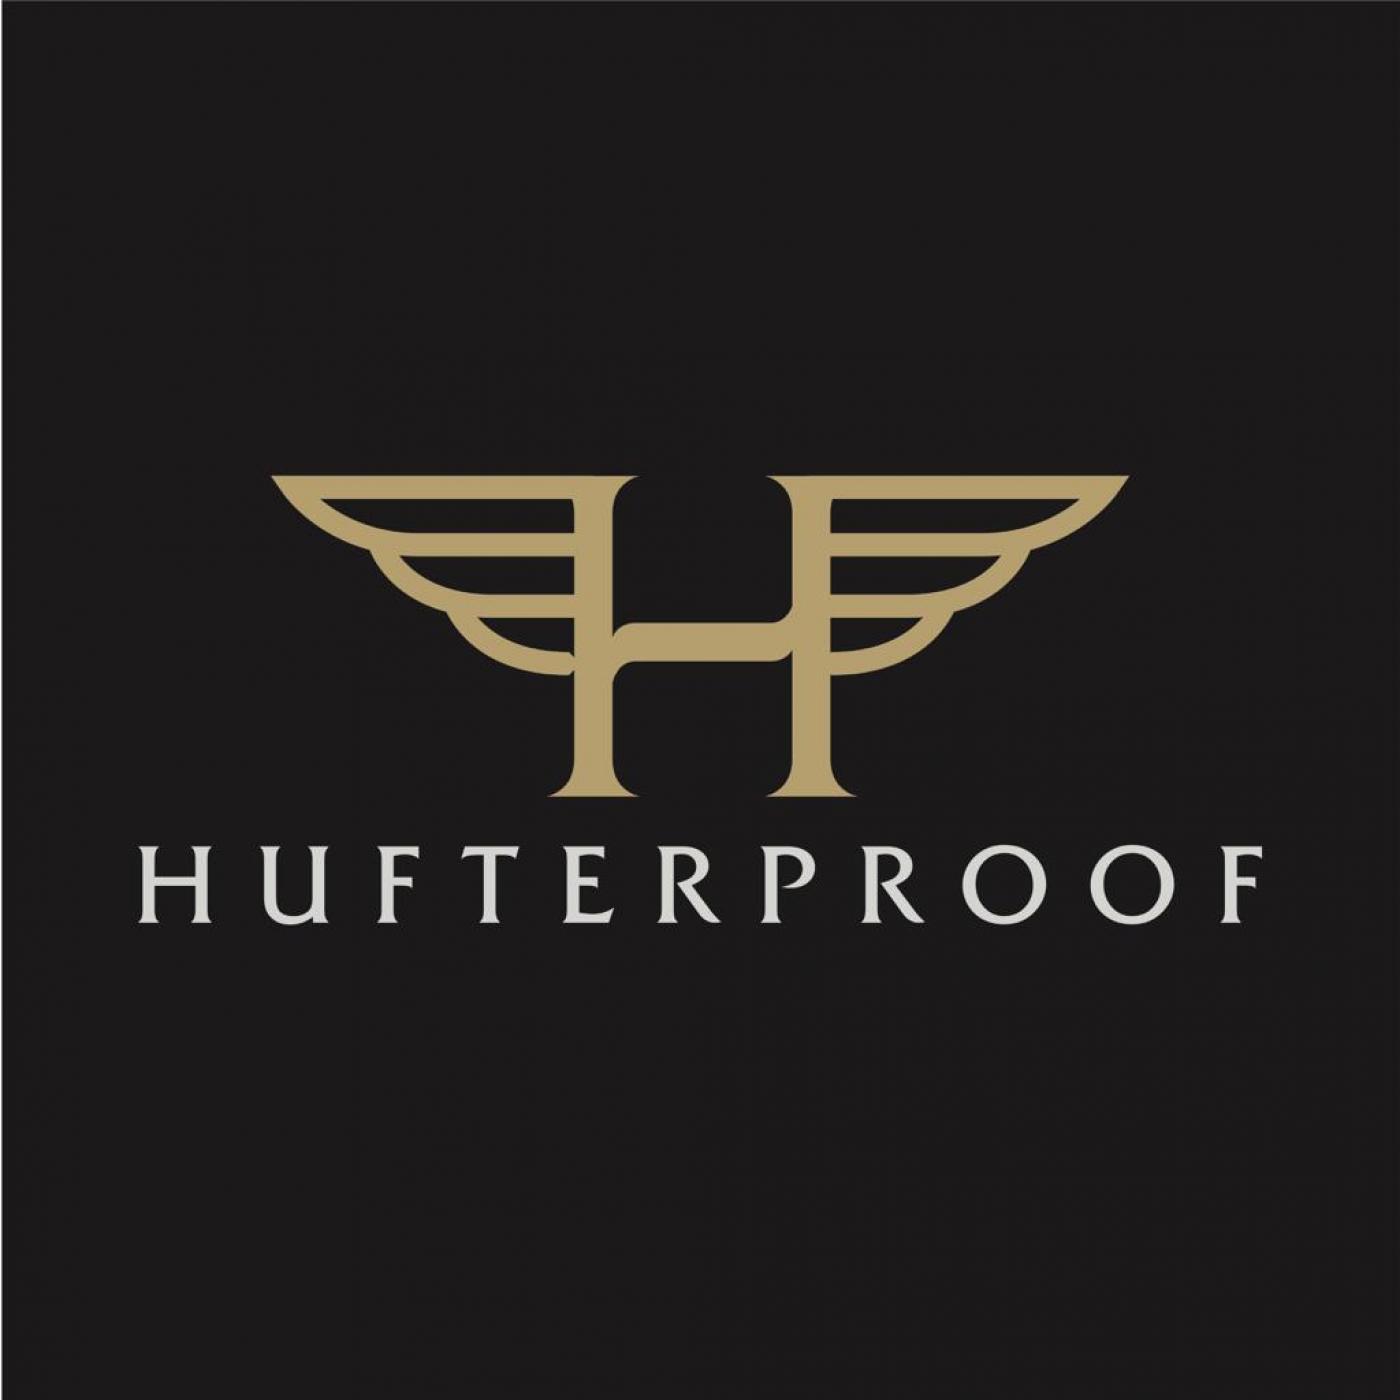 Hufter-proof logo